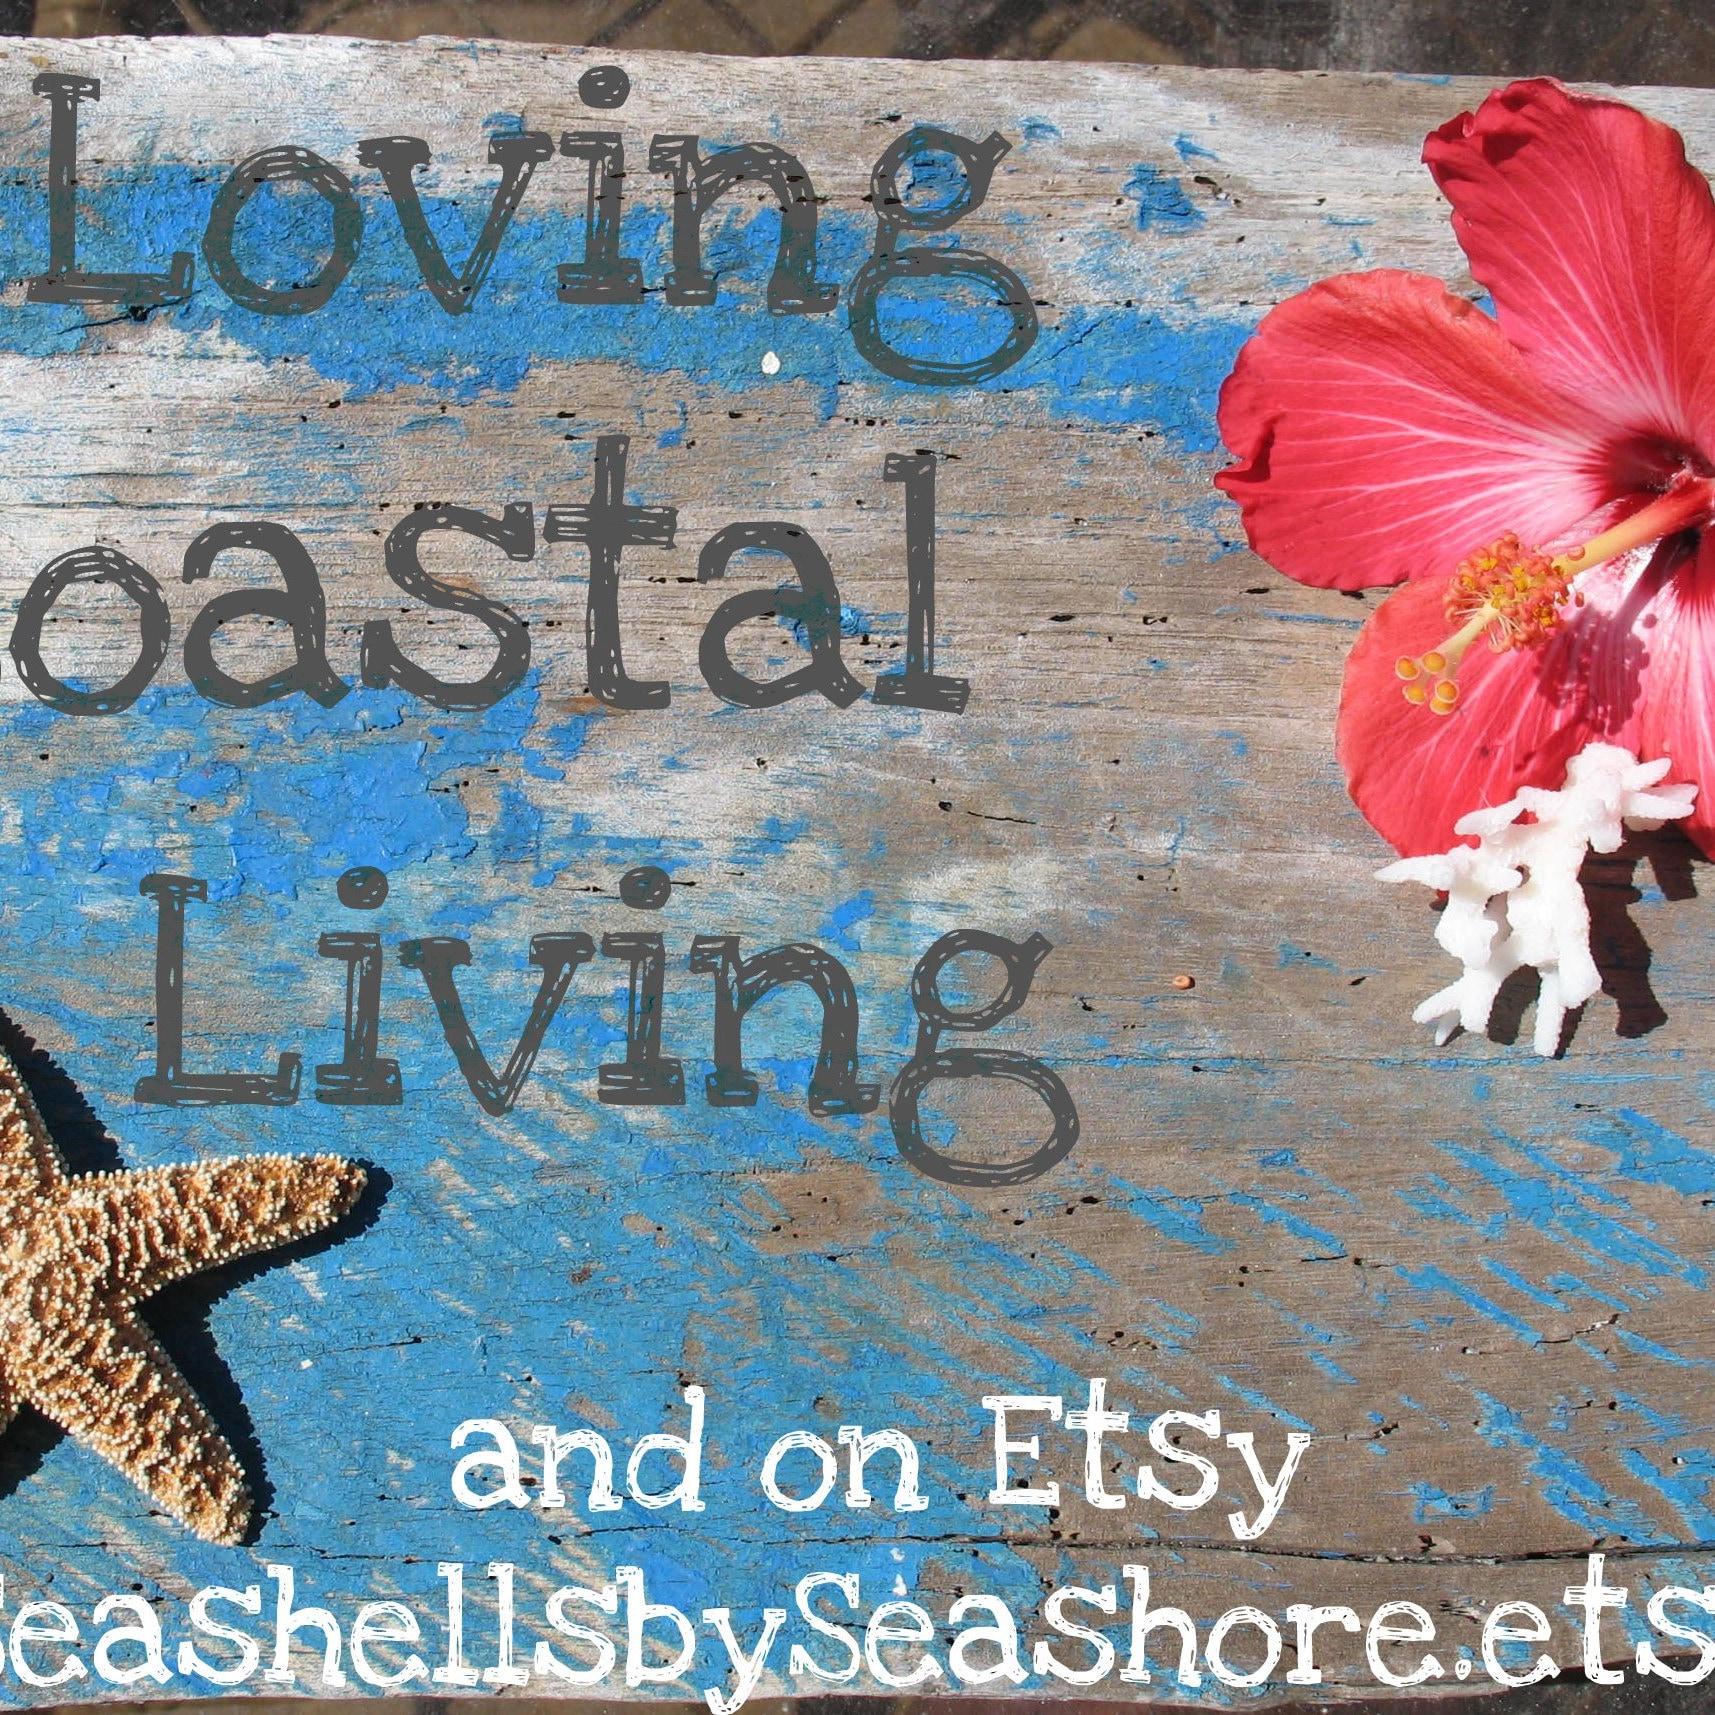 seashellsbyseashore